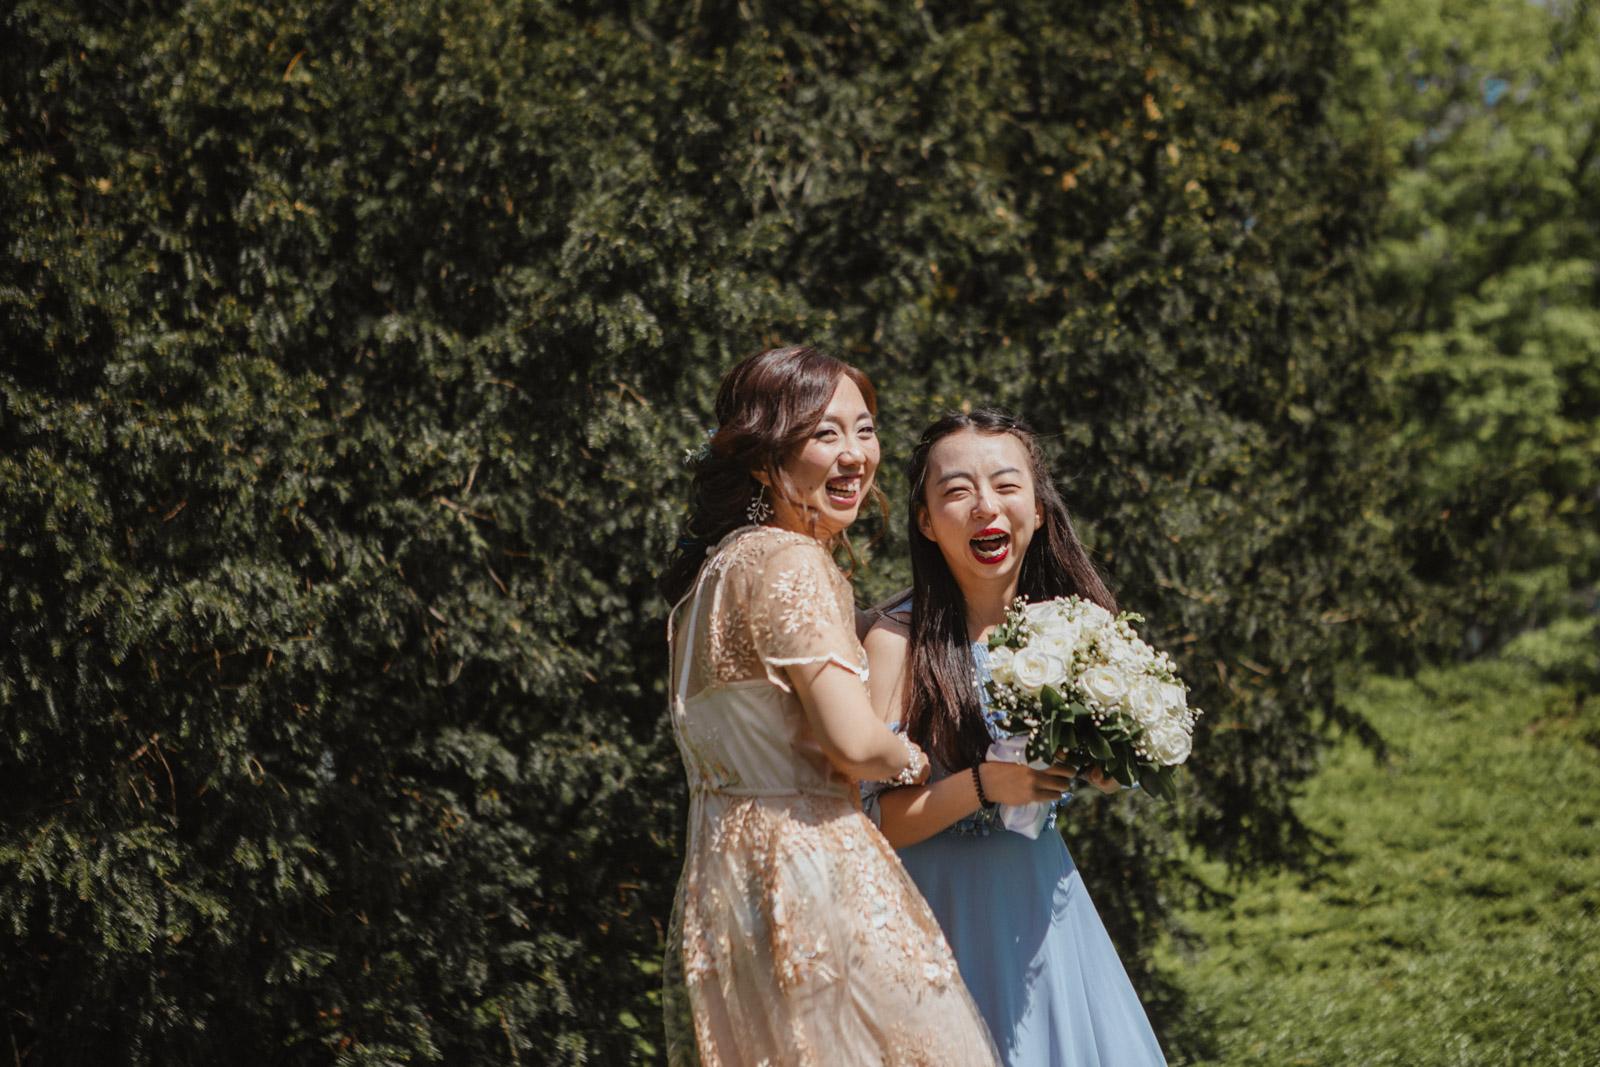 Braut und Frau, die Braustrauss gefangen hat, lachen in Kamera